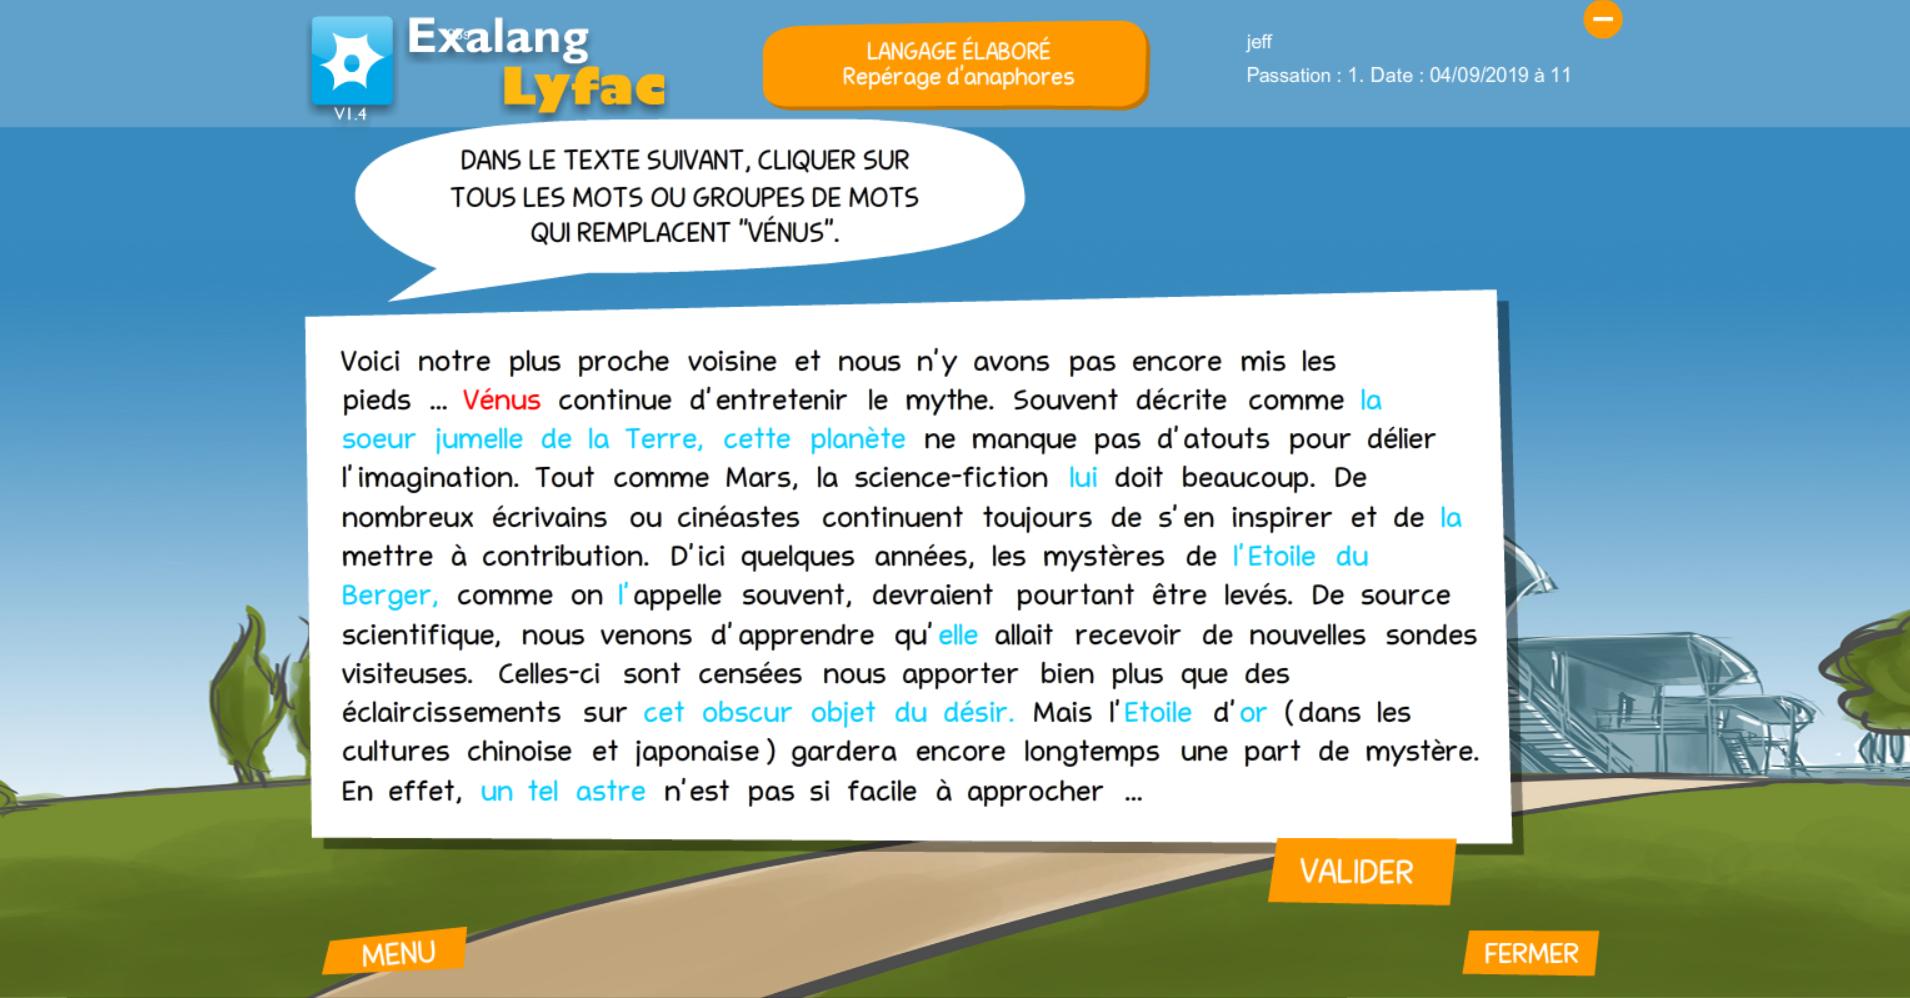 Exalang Lyfac logiciel de bilan de langage oral et écrit et test de langage des patients au lycée ou en université - langage élaboré repérage d'anaphores